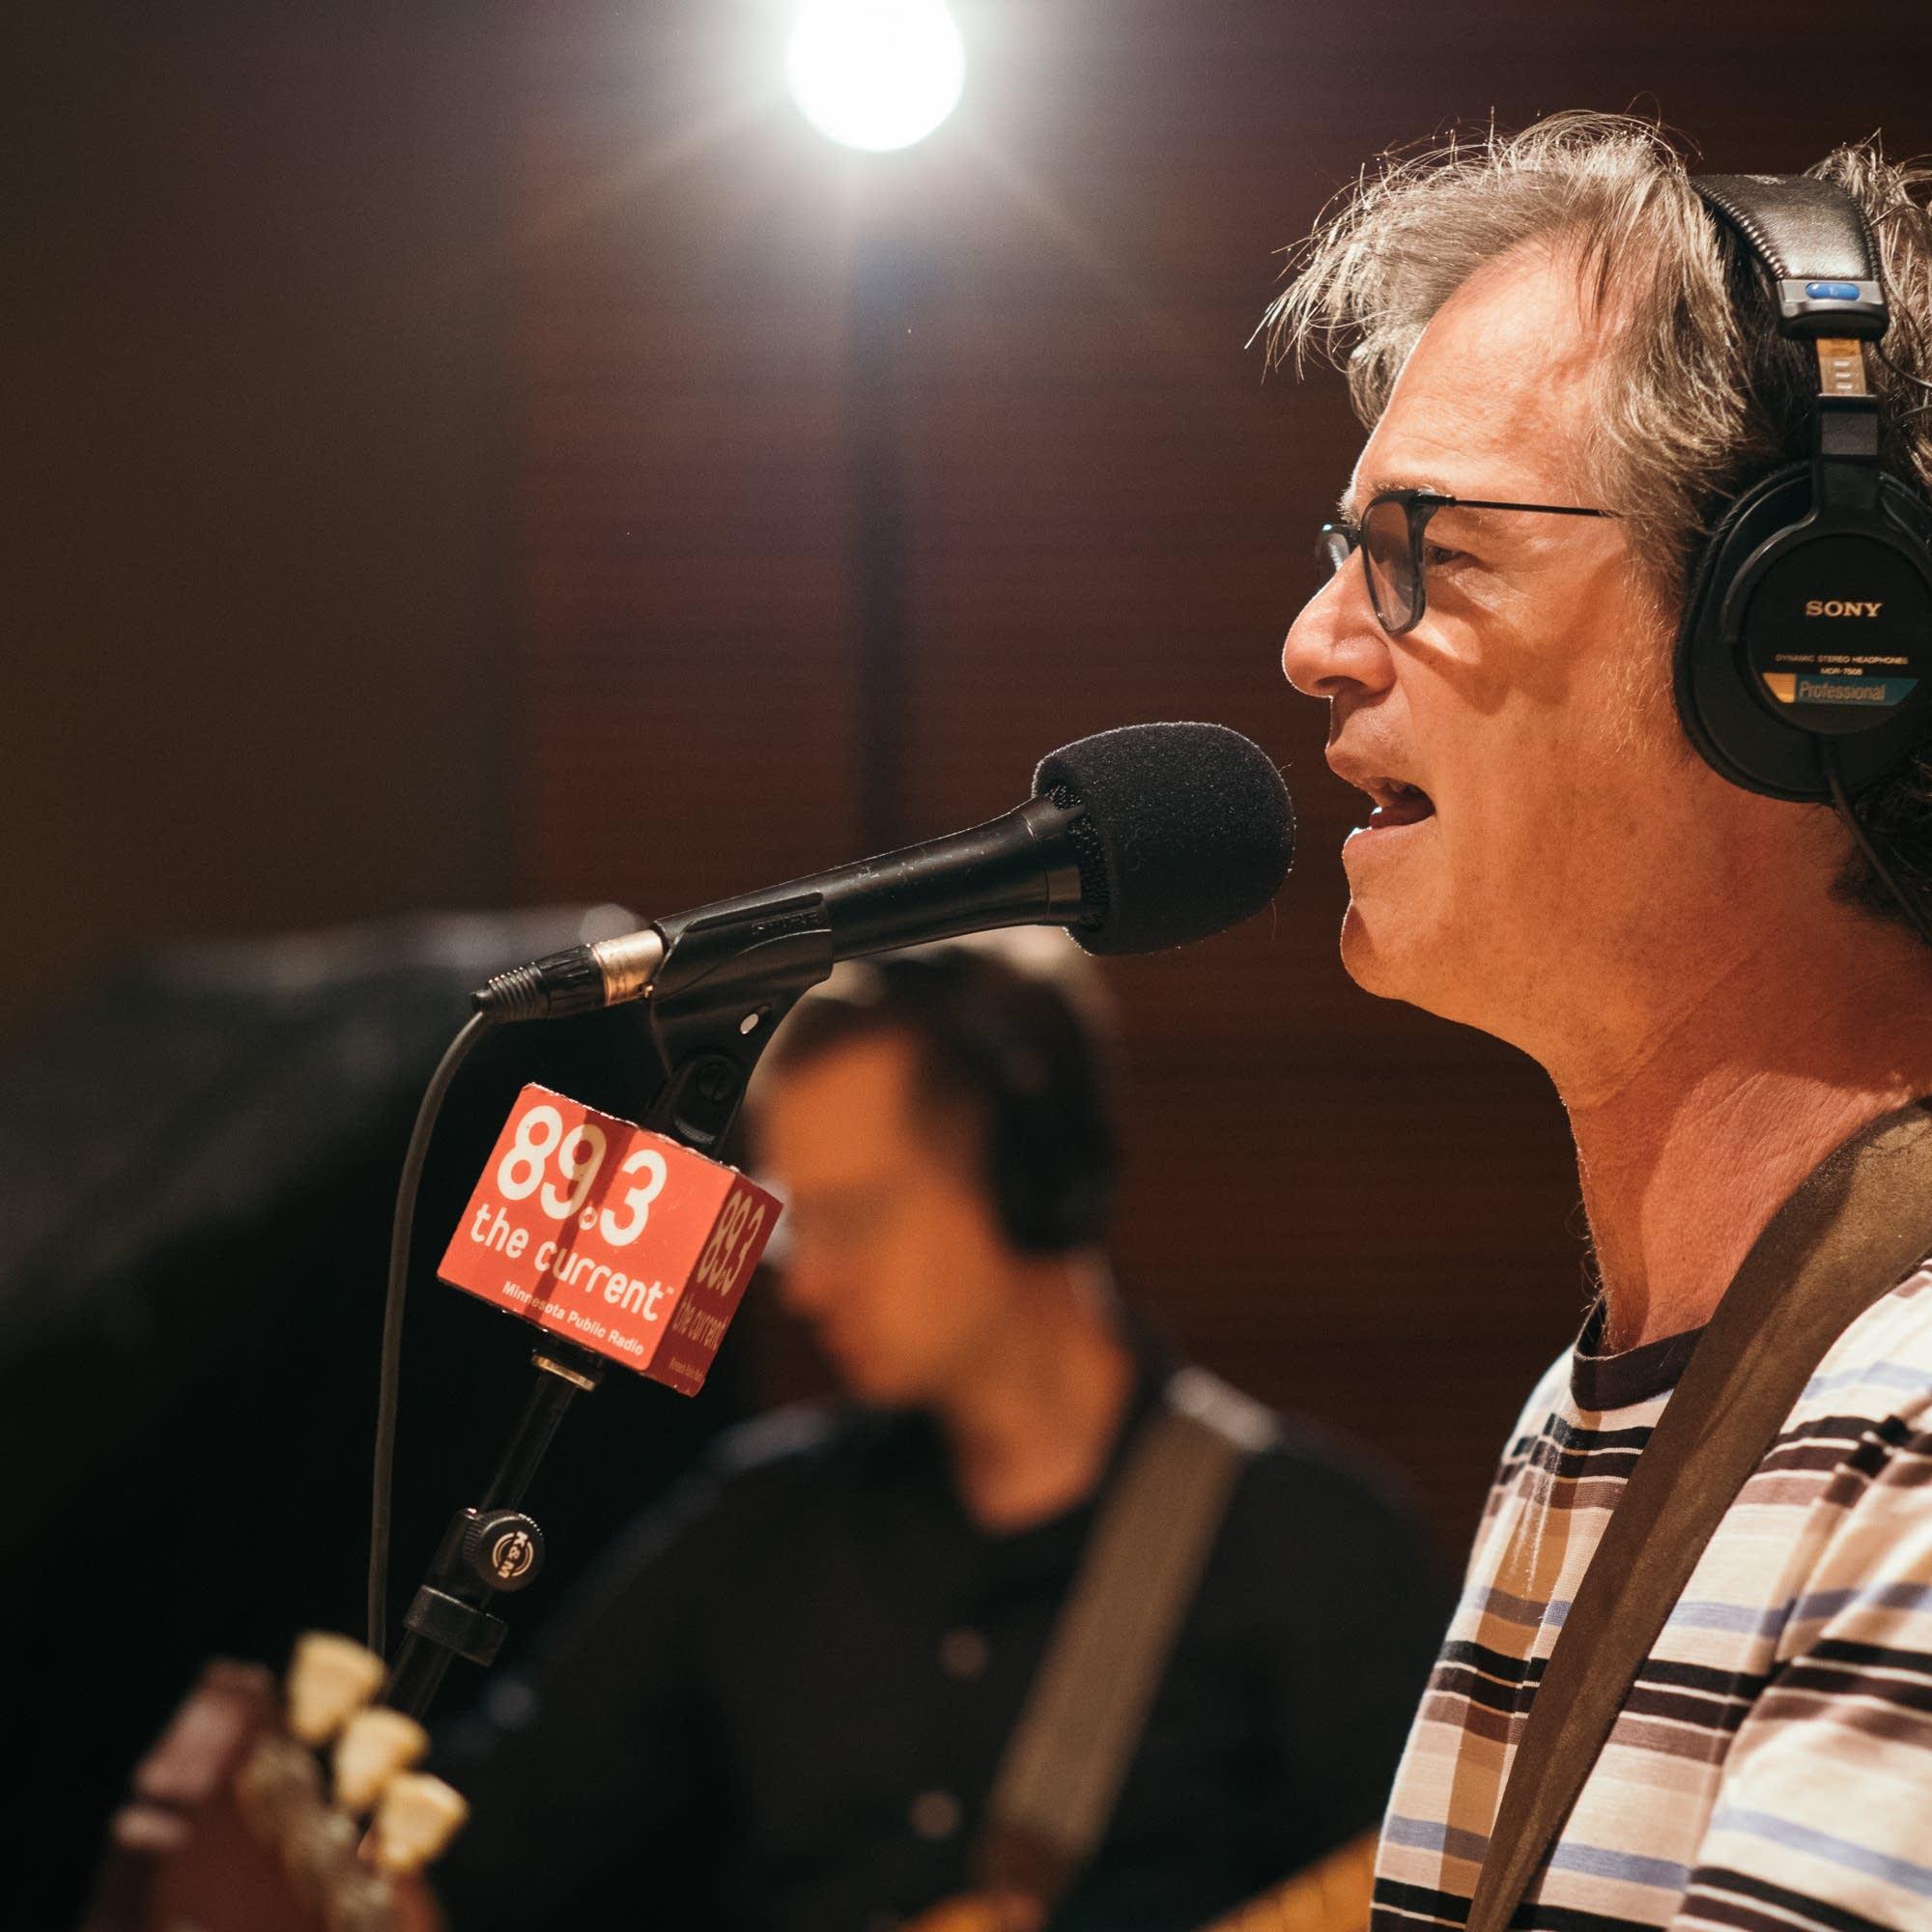 Semisonic in The Current studio.